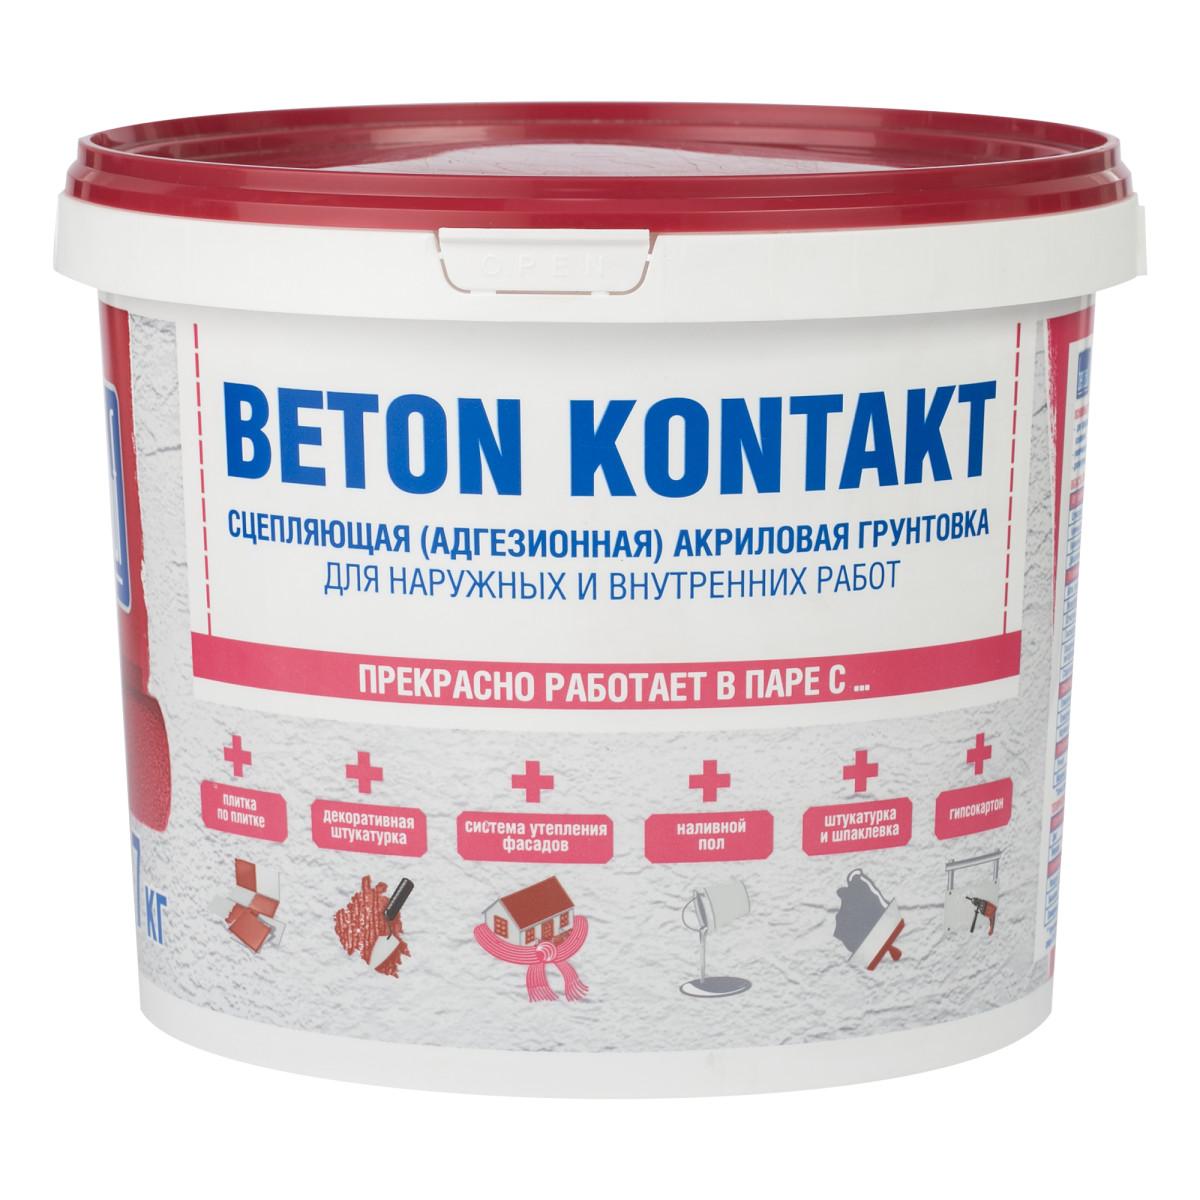 купить бетон контакт новосибирск